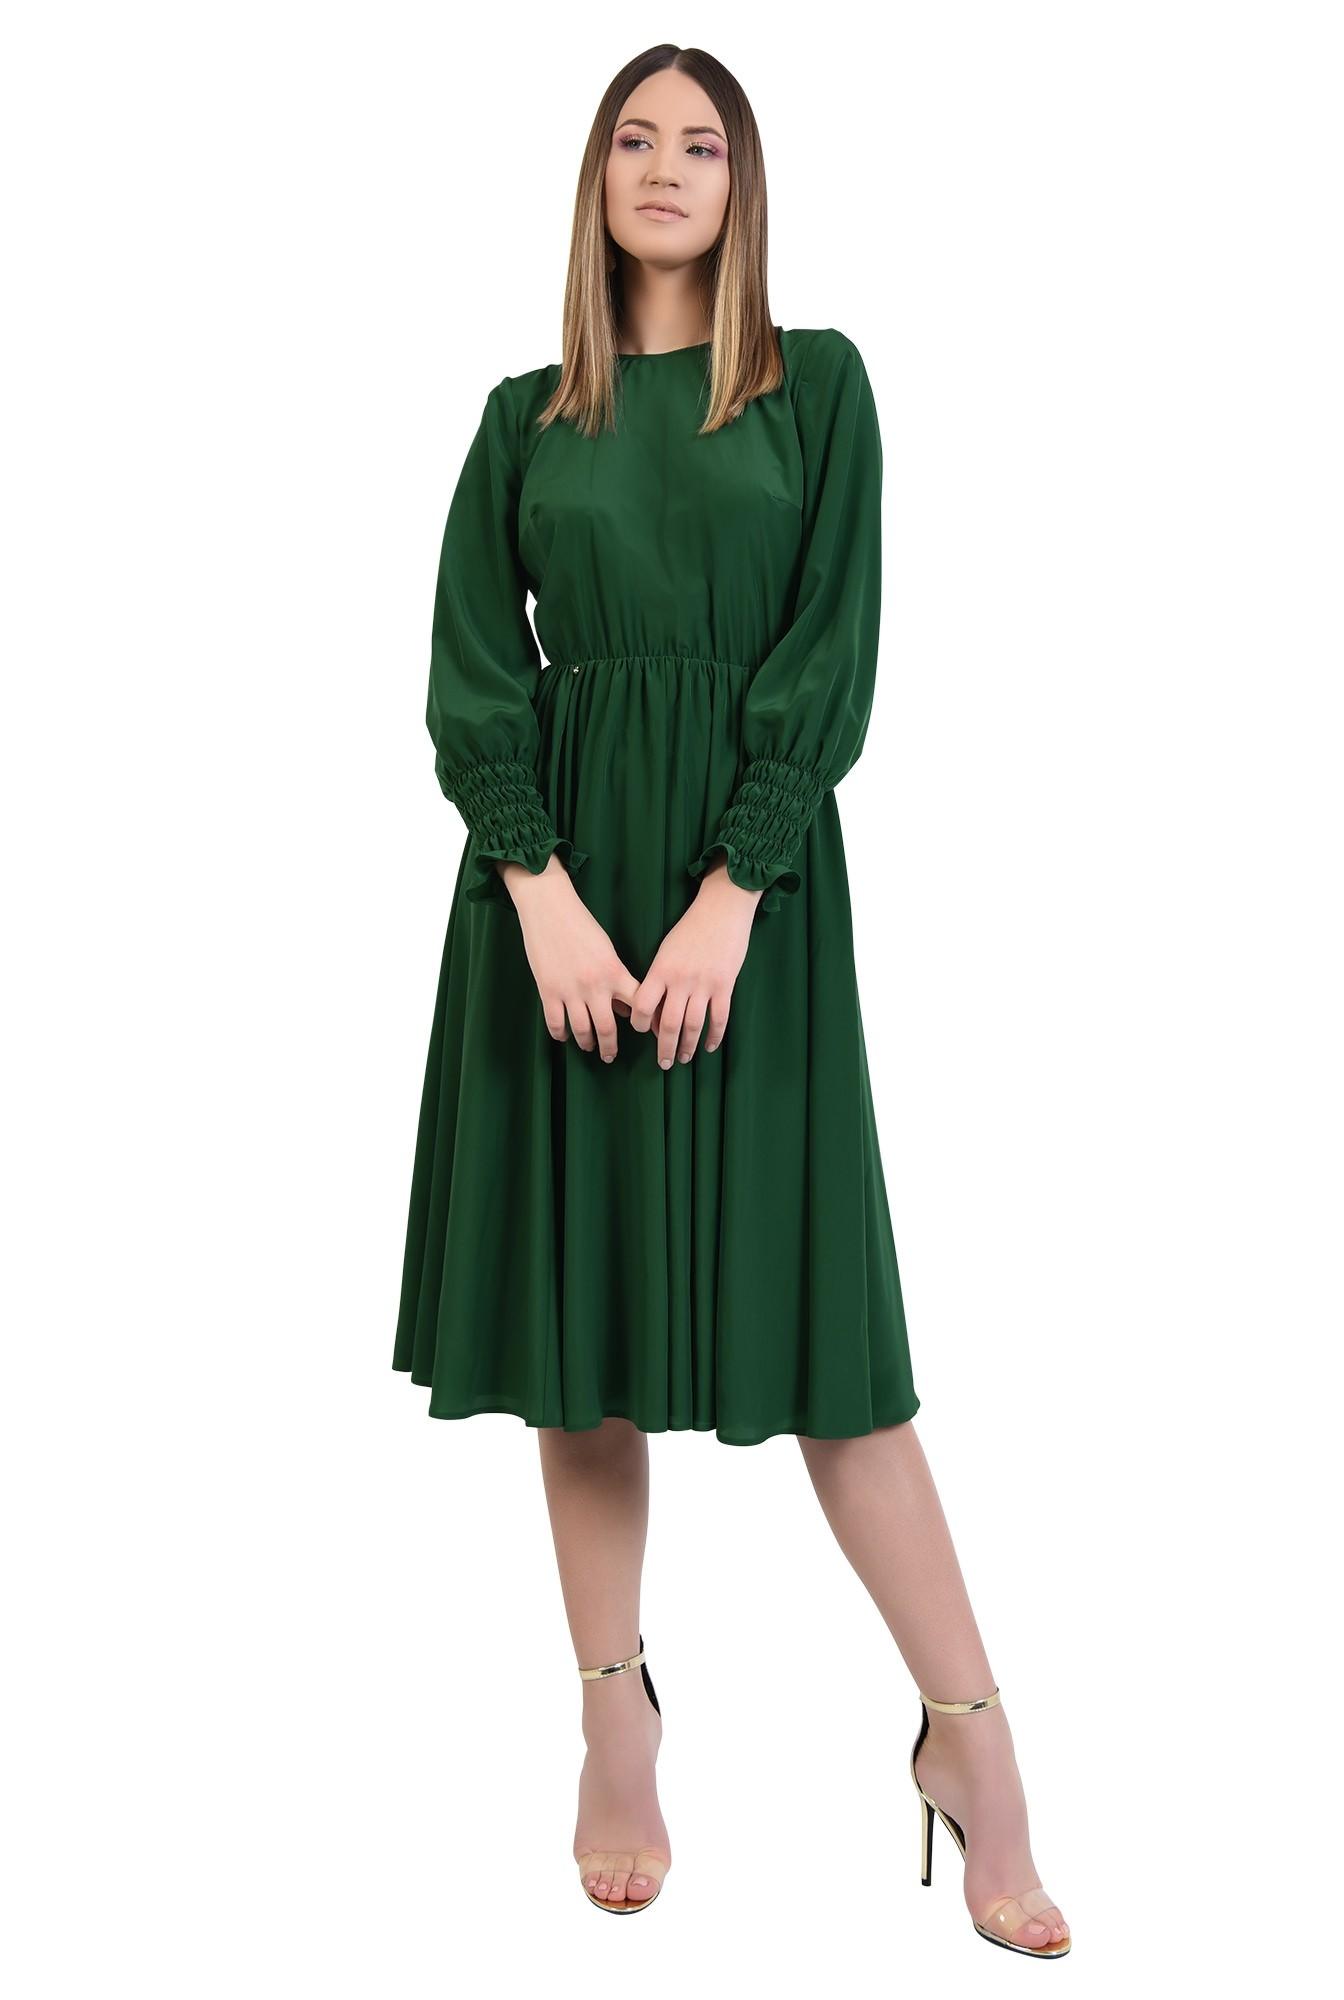 rochie de zi, pe bie, maneci cu mansete late, elastic in talie